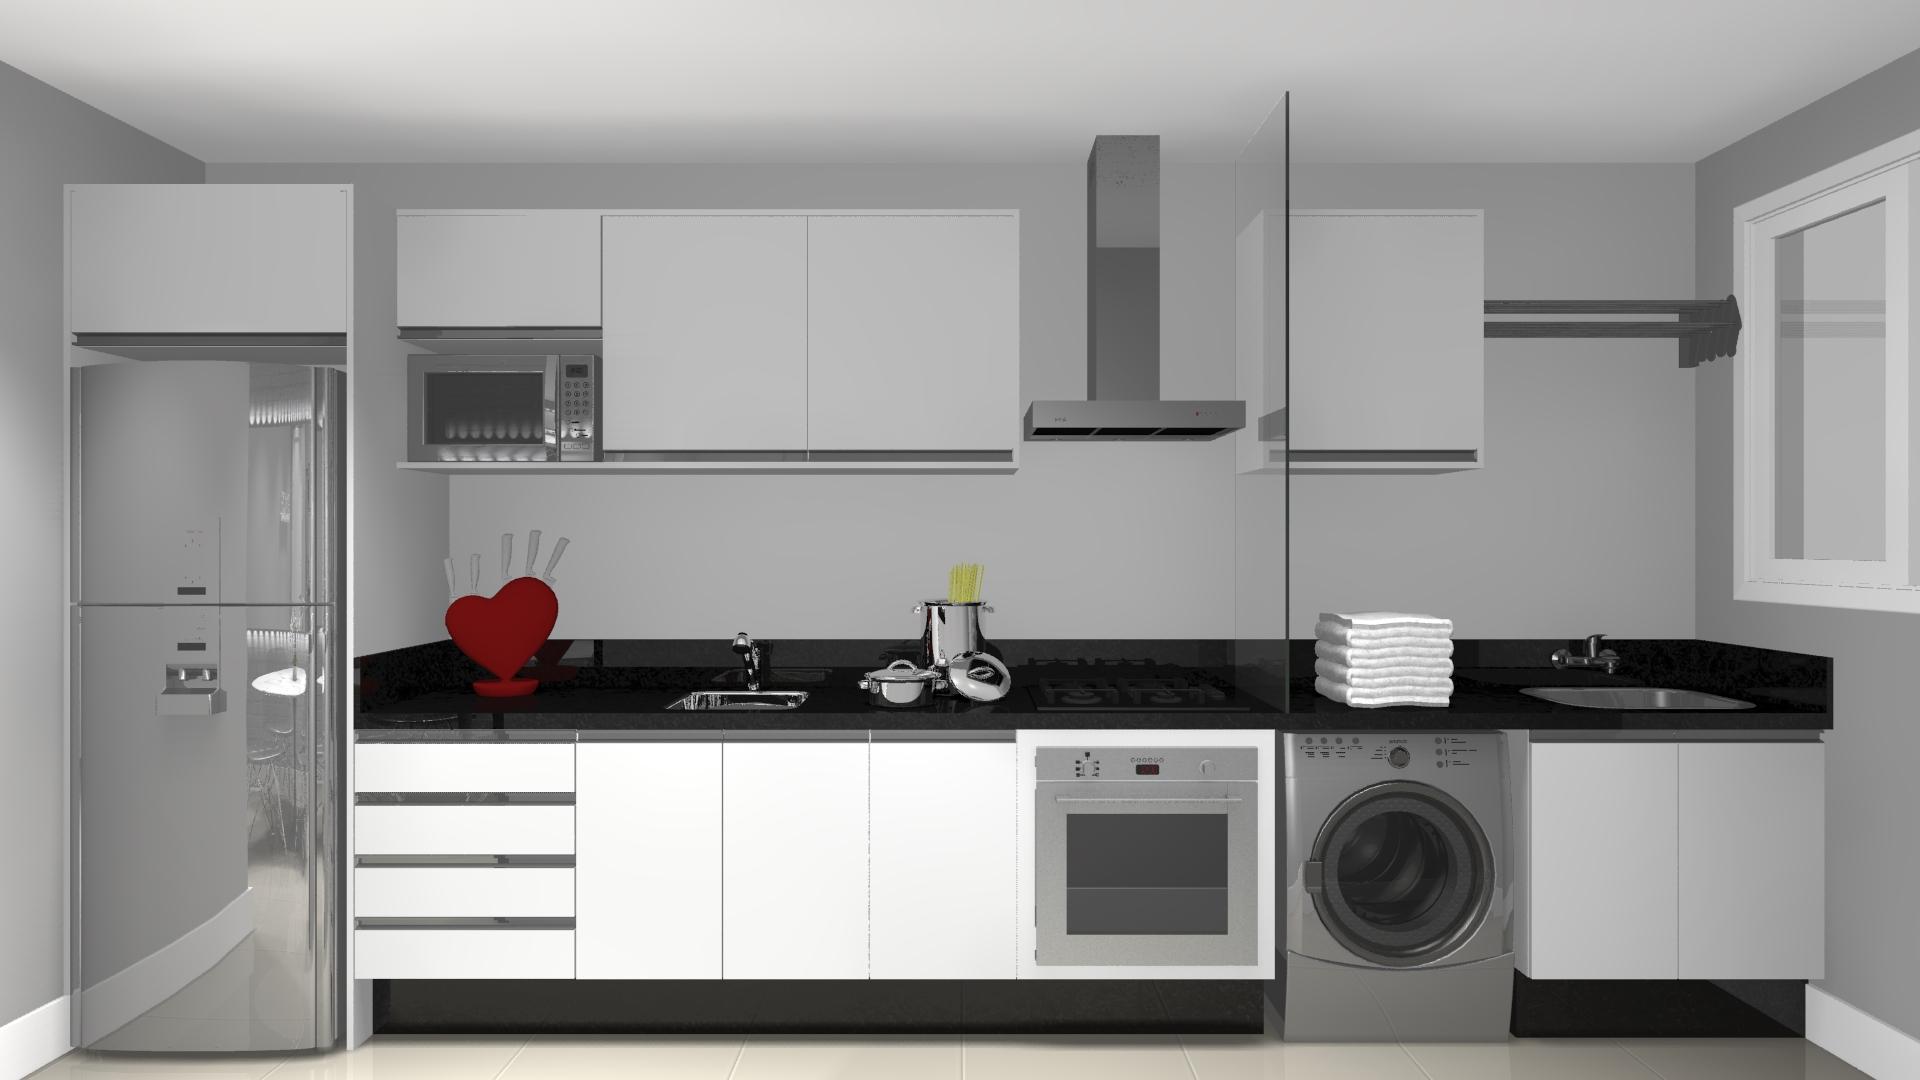 precisa decor » Arquivo Decor: Cozinha linear Você precisa decor #66201E 1920 1080